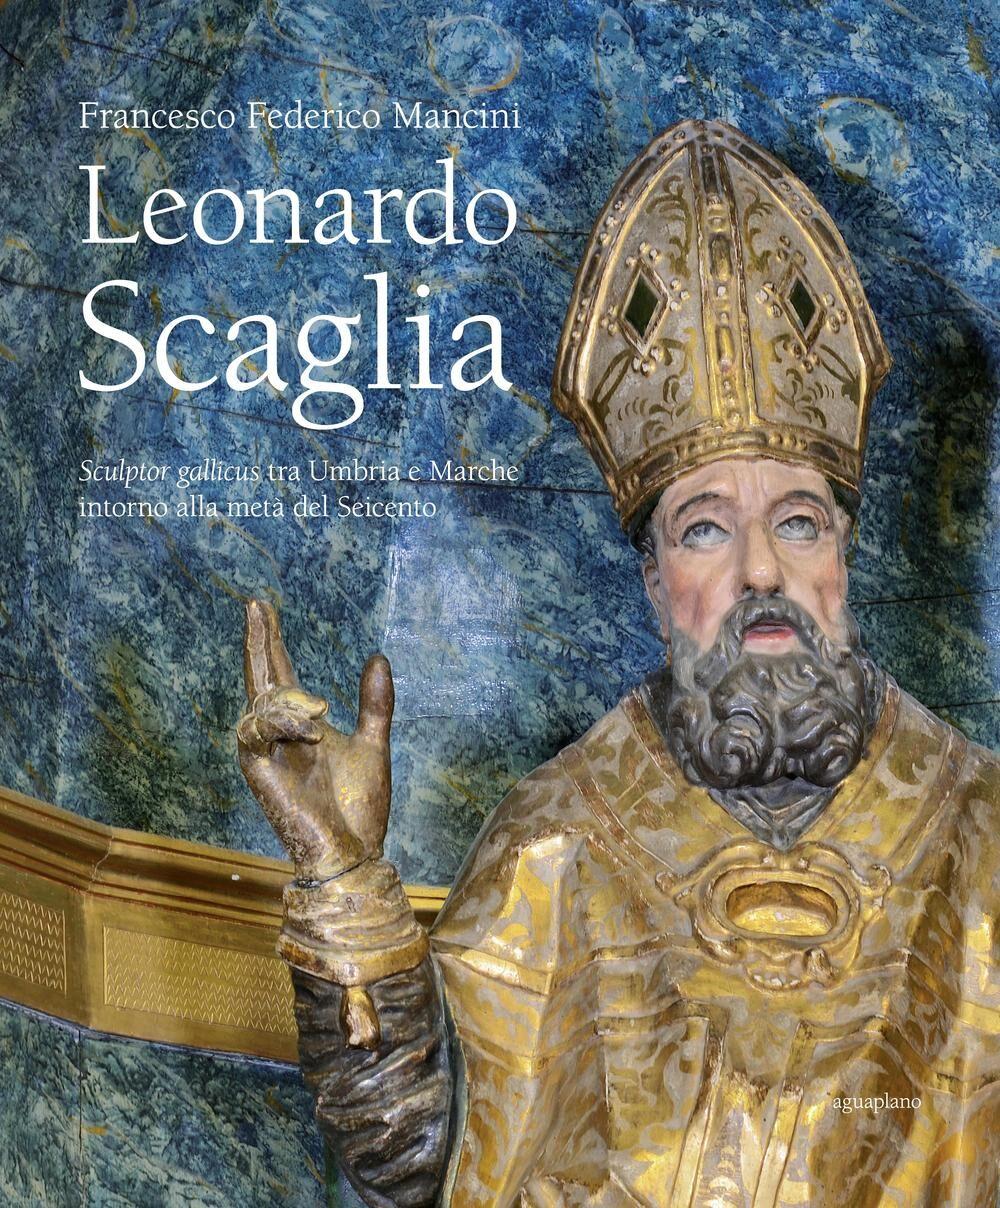 Leonardo Scaglia. Sculptor gallicus tra Umbria e Marche intorno alla metà del Seicento